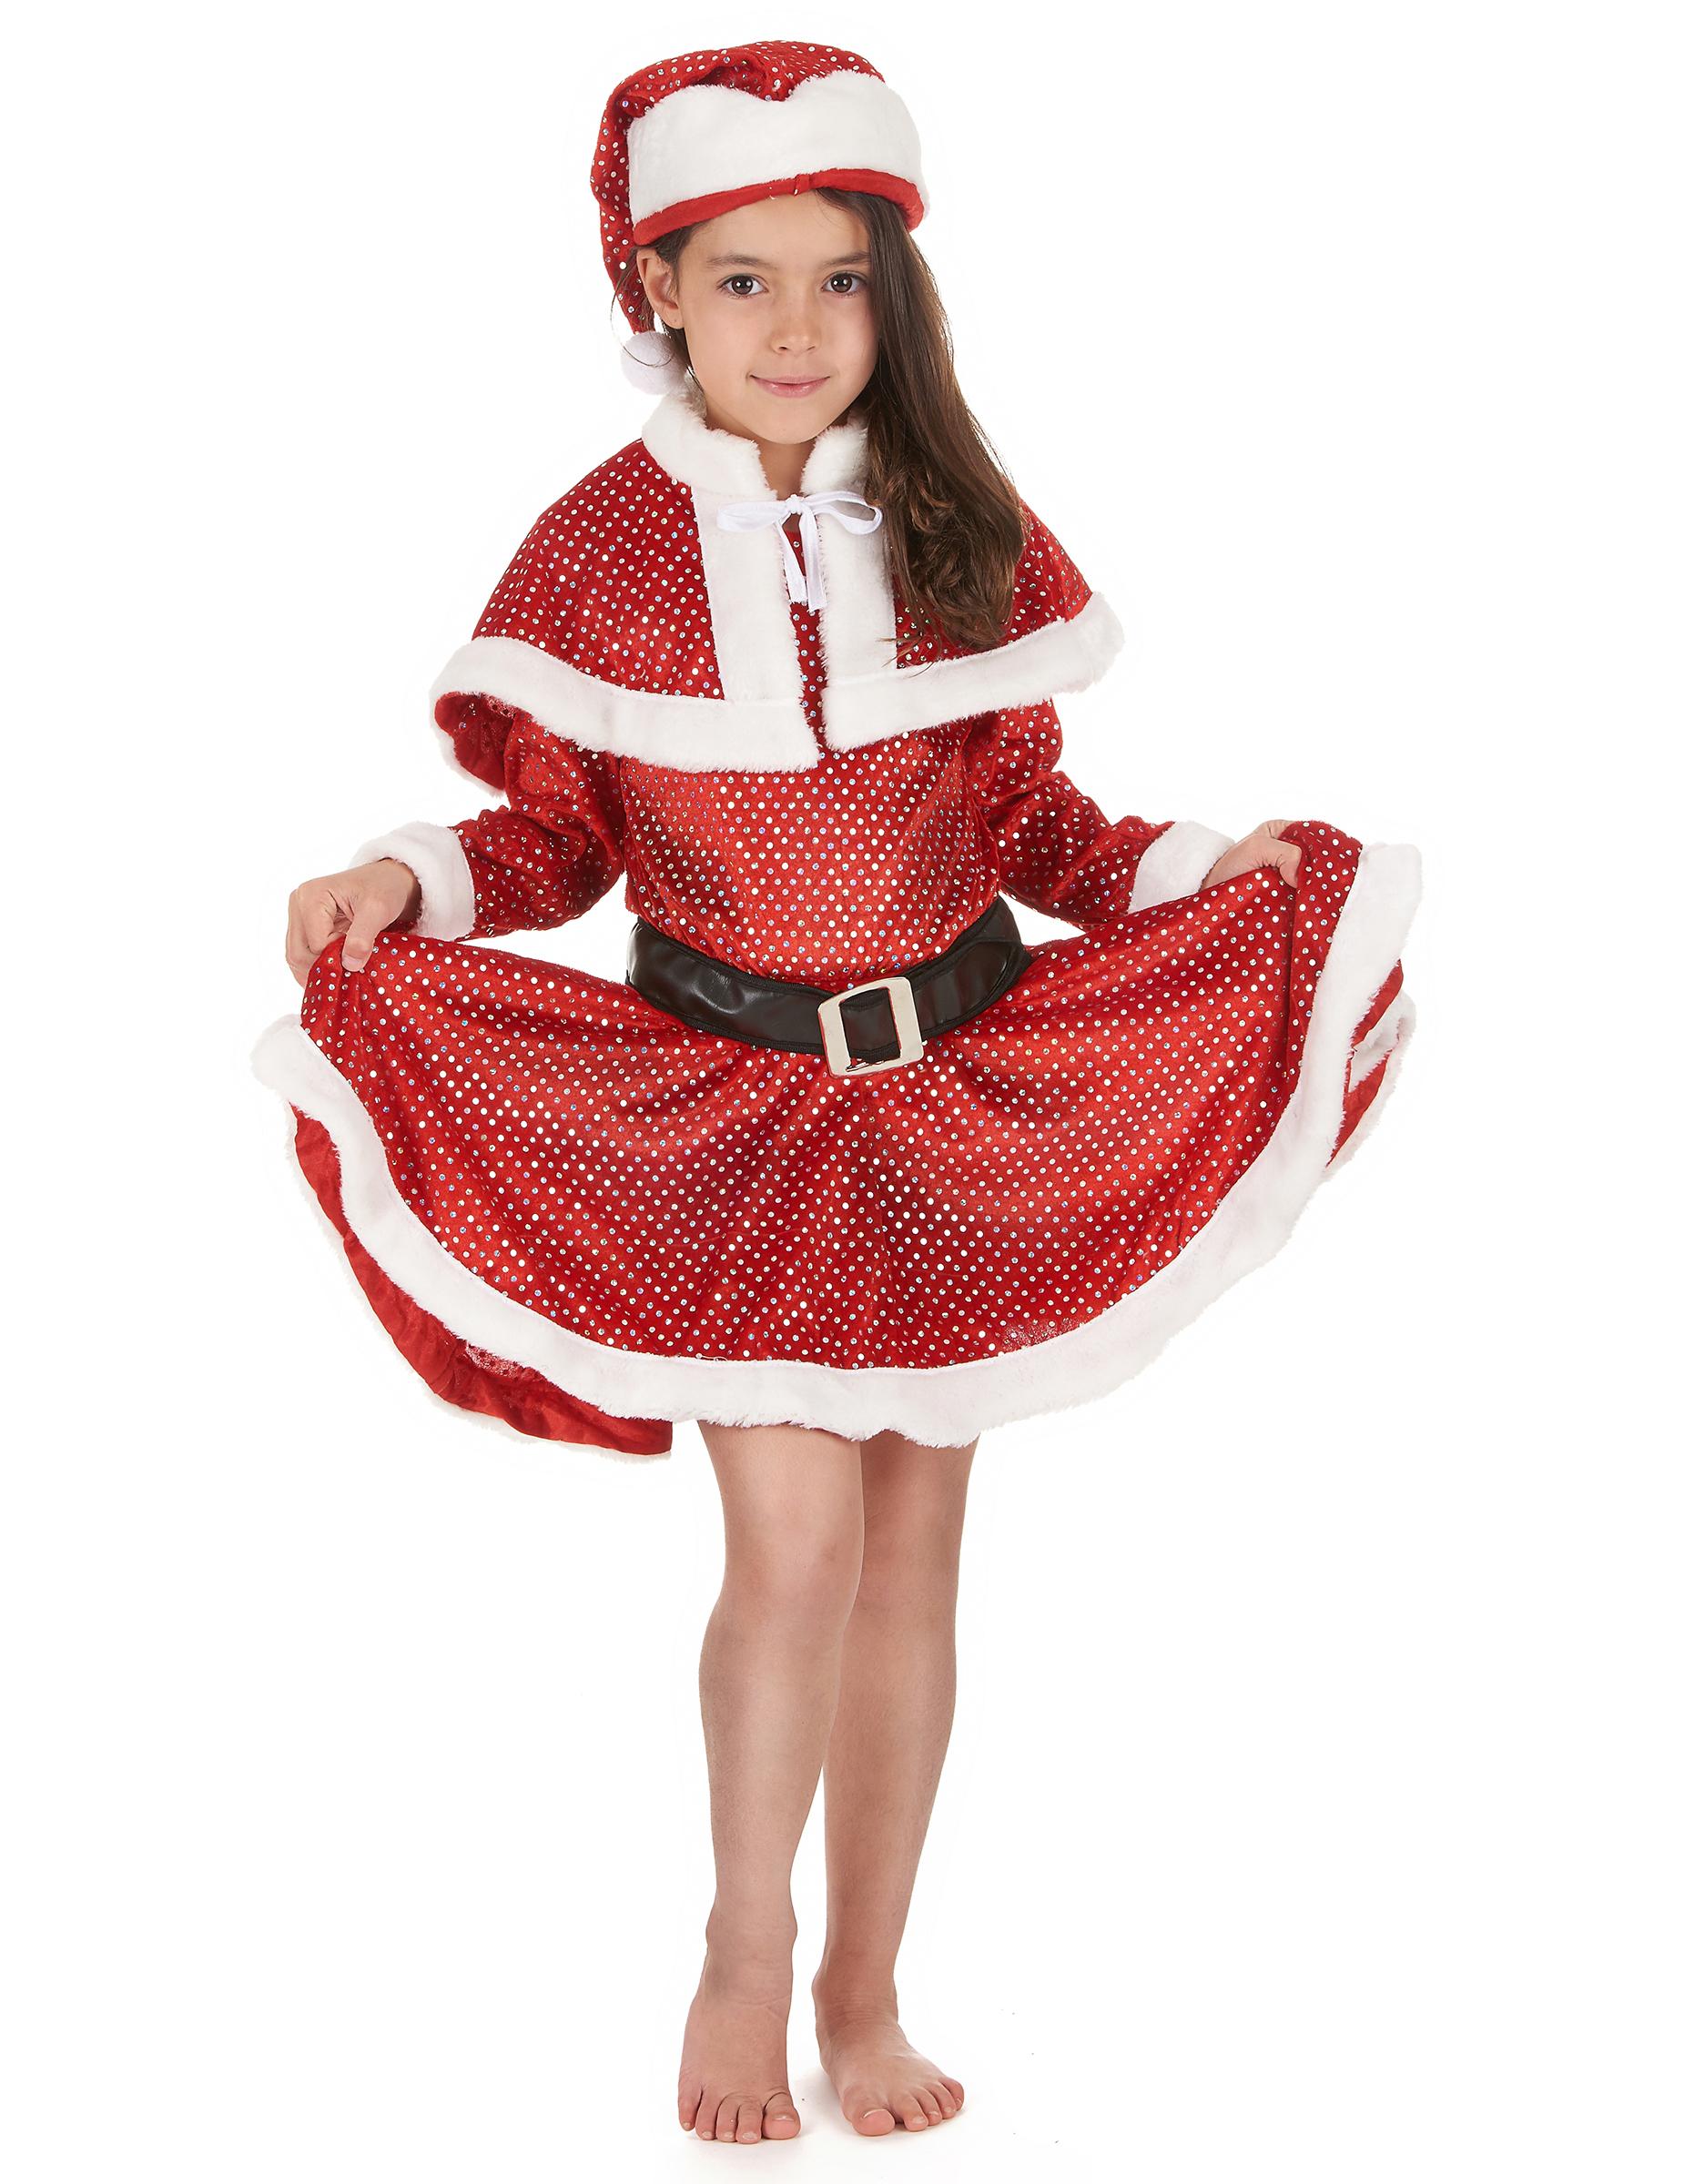 9ee3e1afaef8a Deguisement De Noel Pour Petite Fille